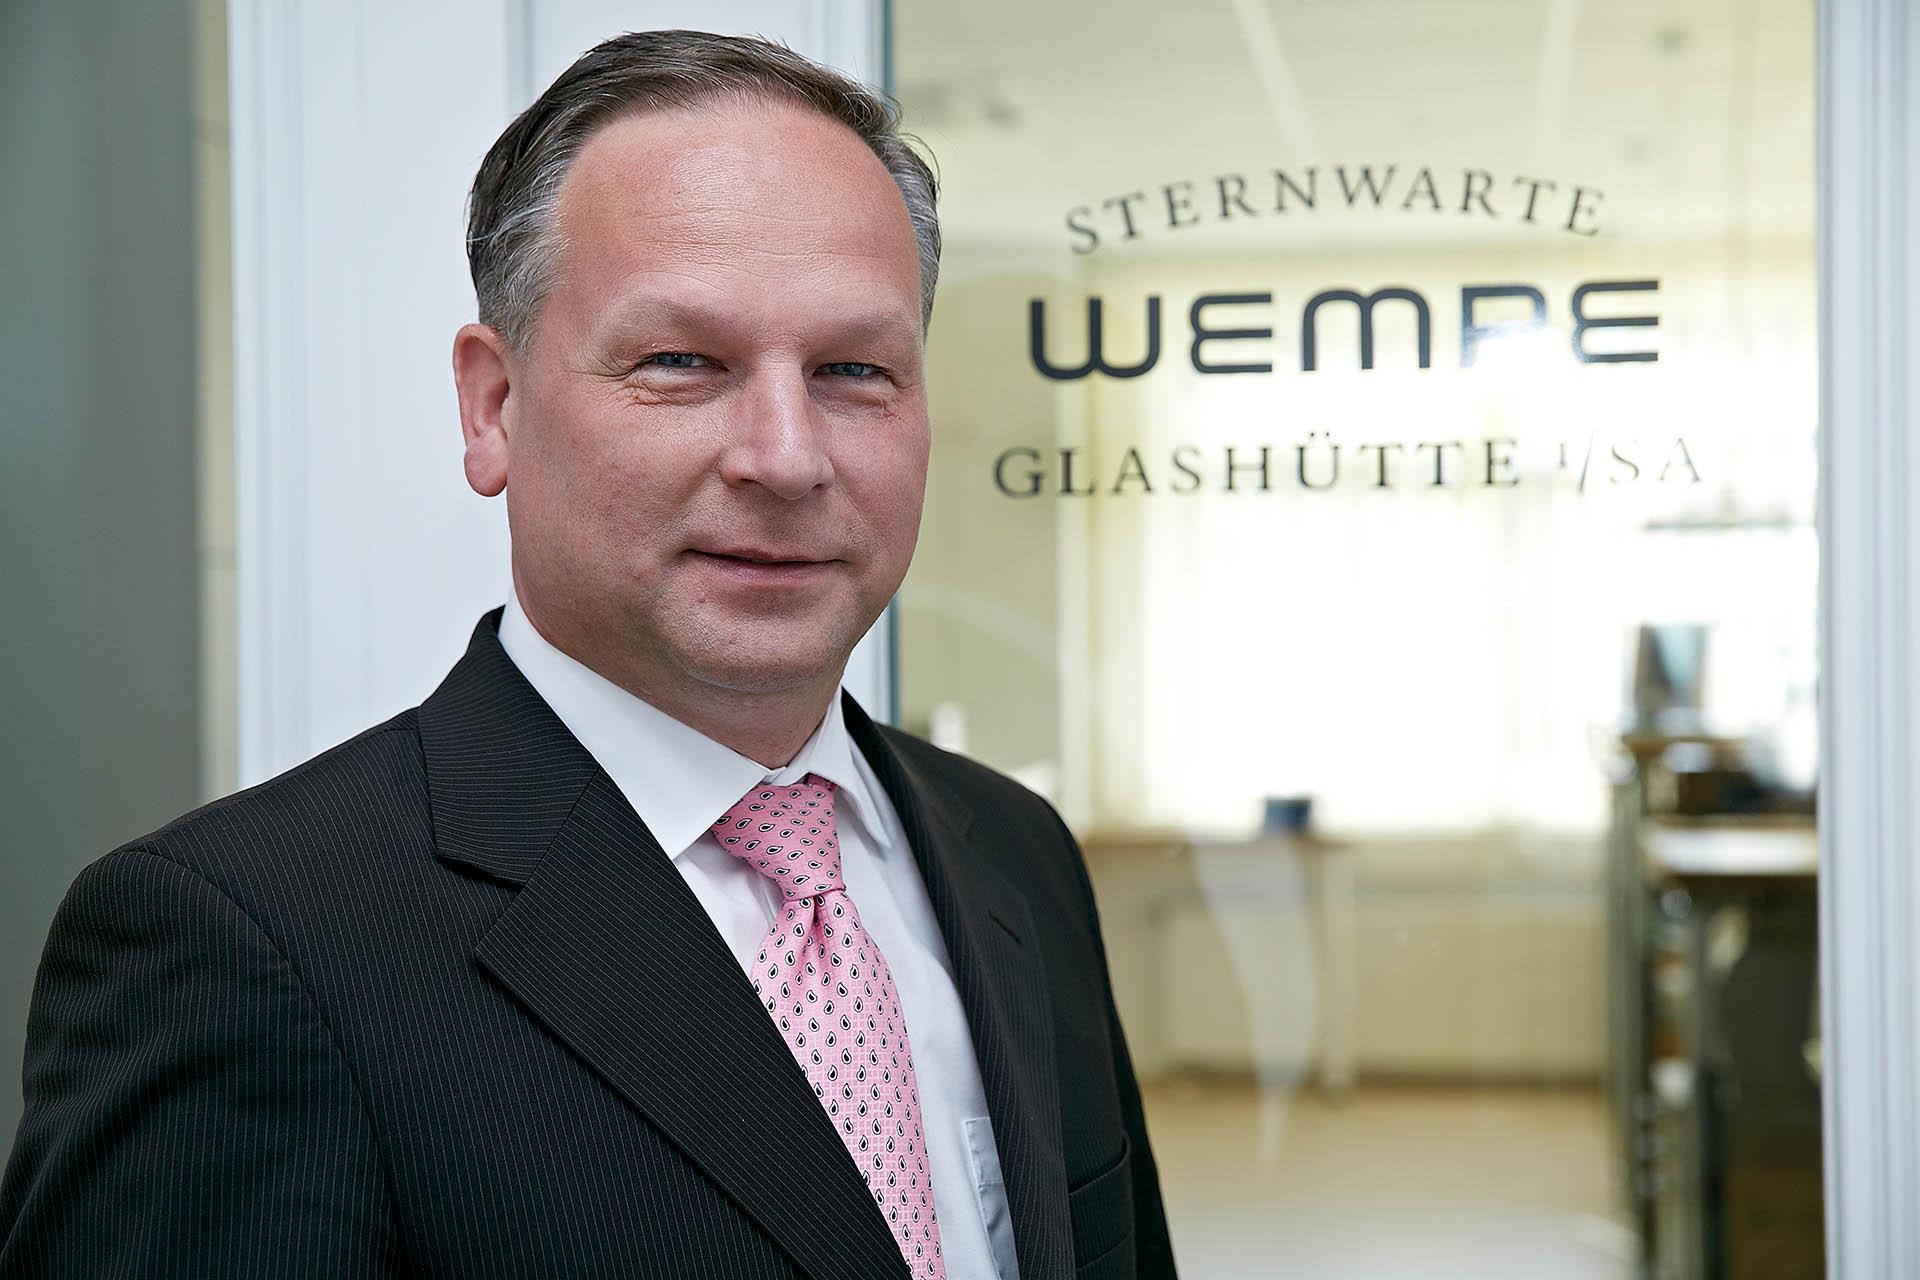 Gunter Teuscher Wempe